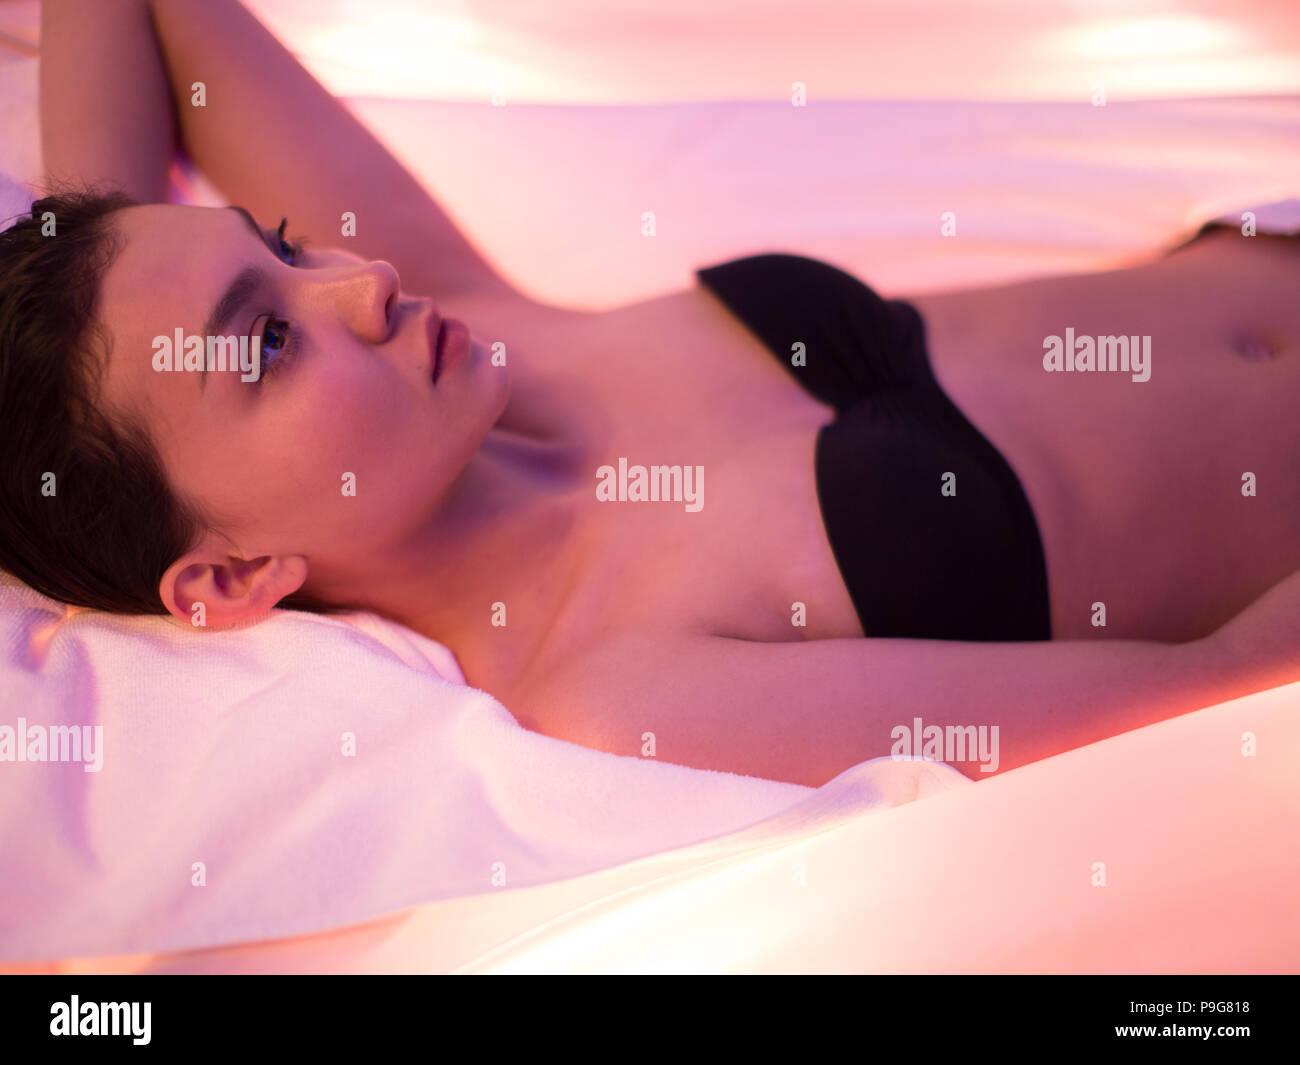 Fille asiatique agréable couché sur le massage avec les technologies modernes Photo Stock